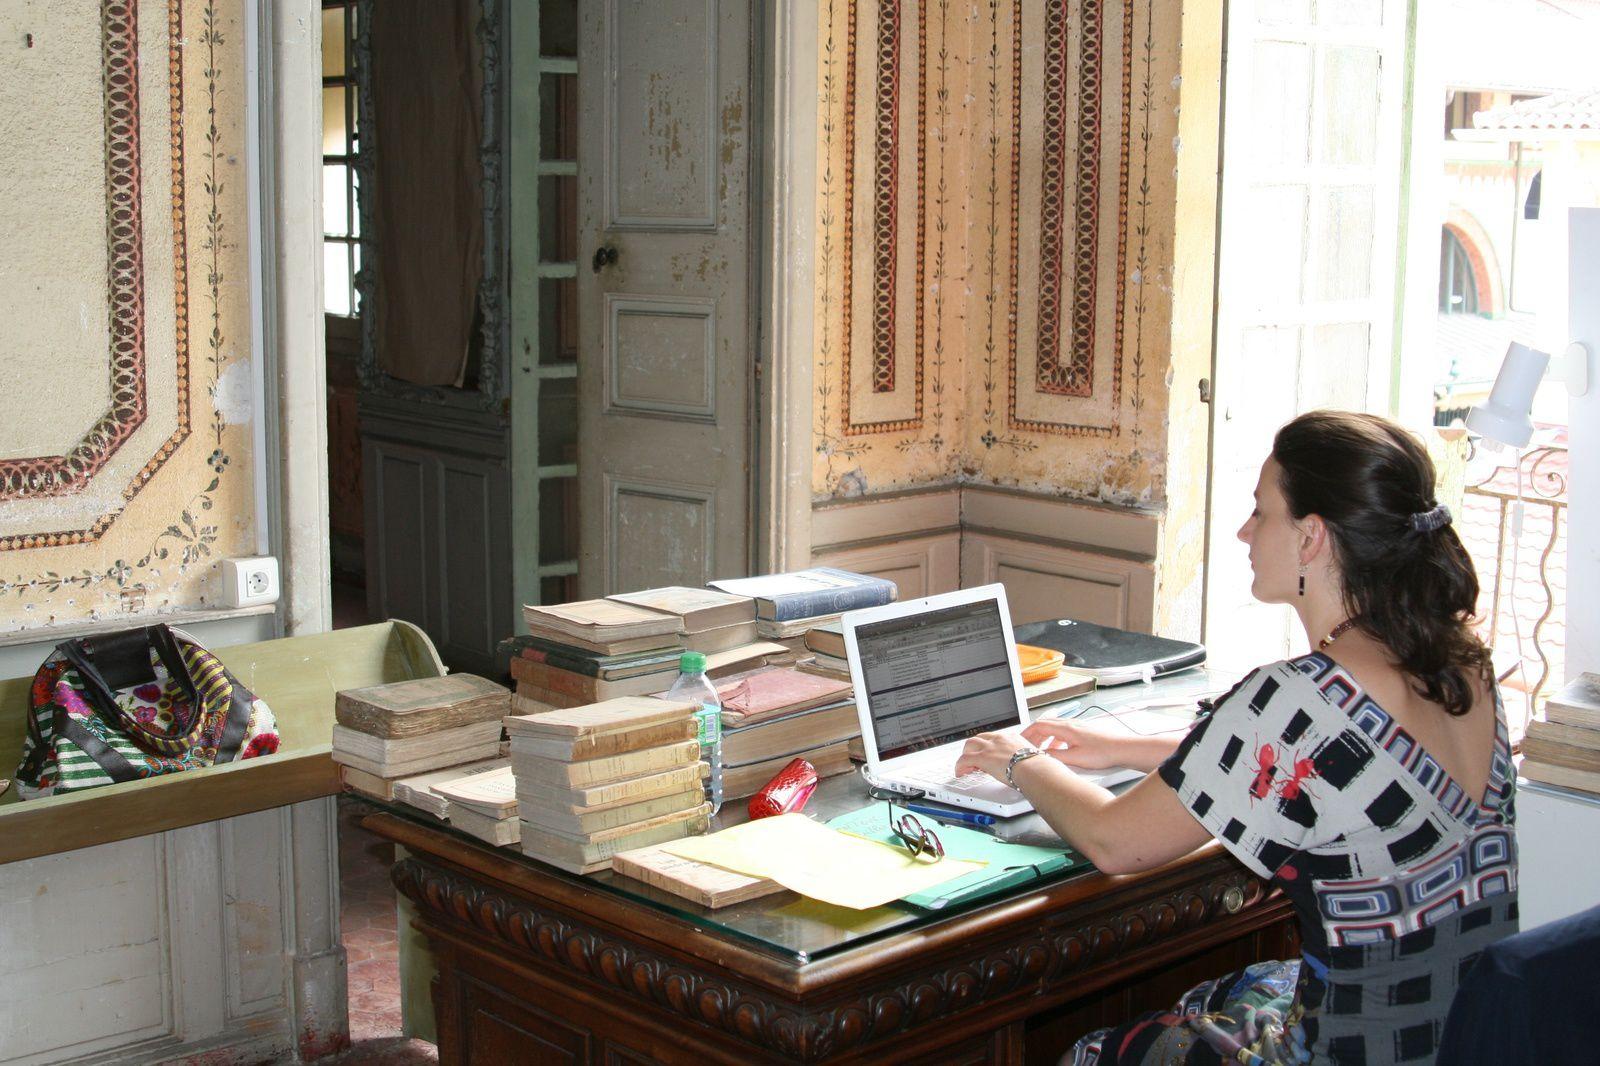 Cécile Fourrel de Frettes chercheuse dans l'intimité intellectuelle de Vicente Blasco Ibañez